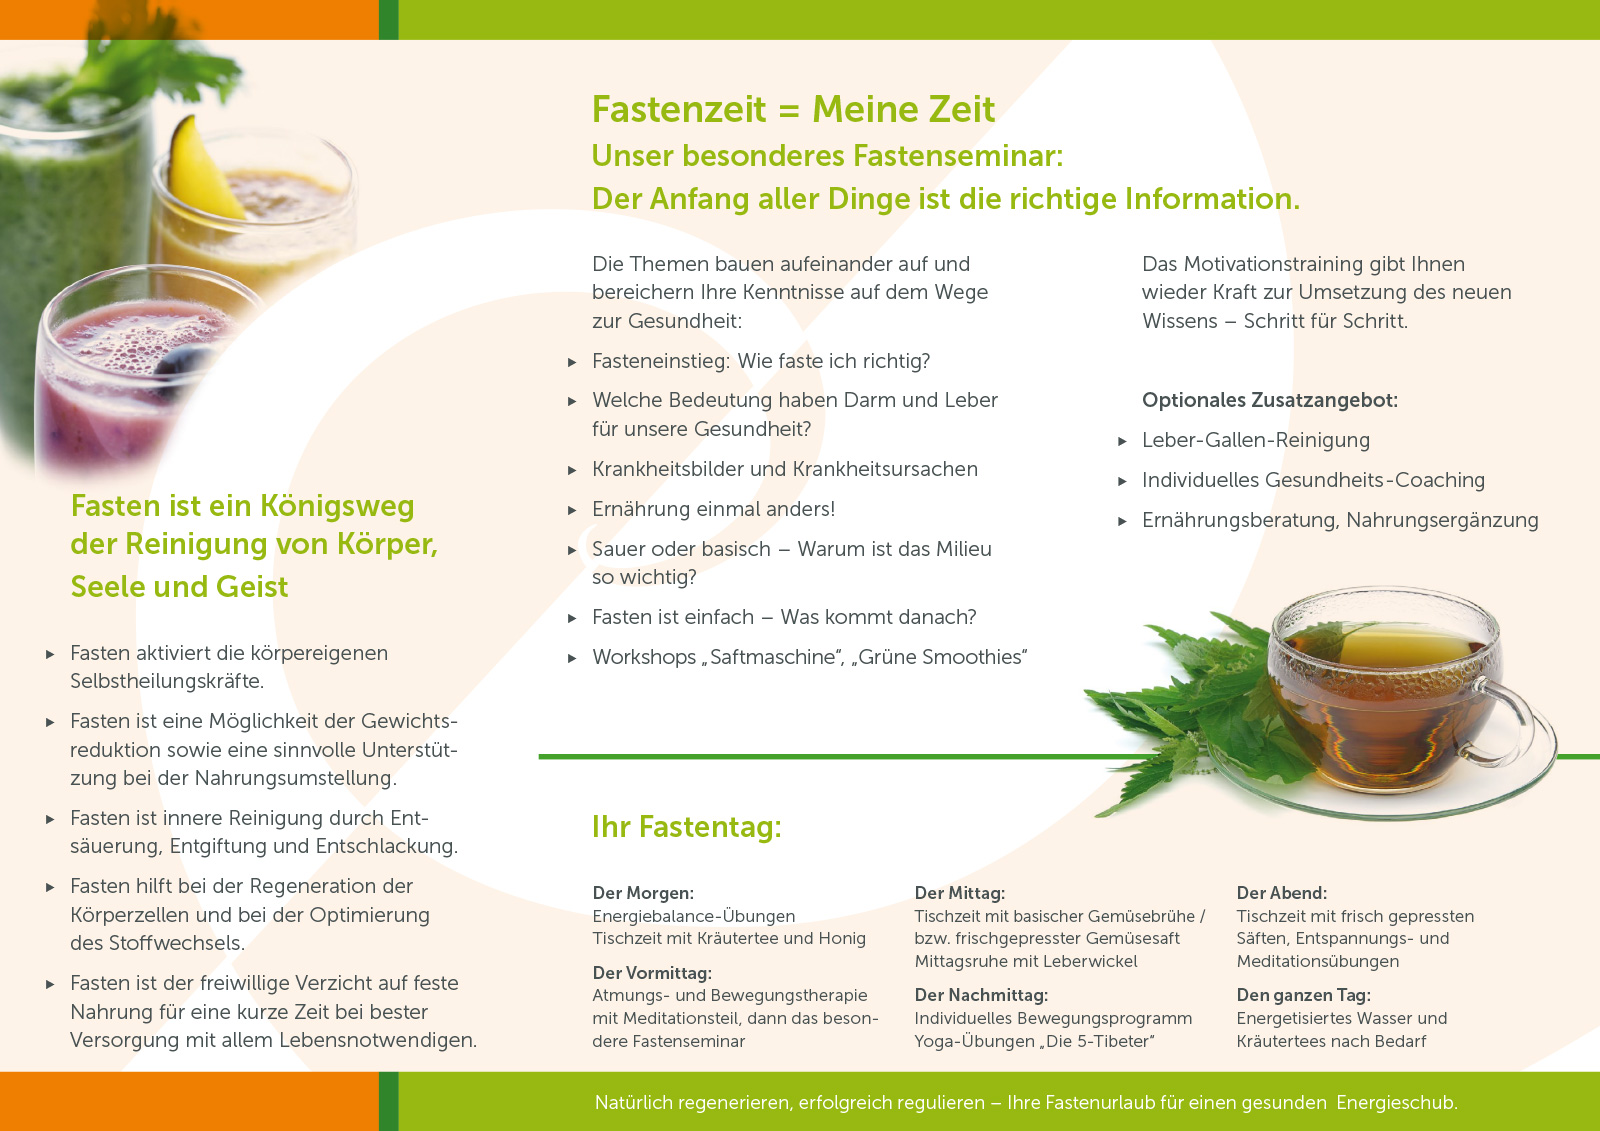 Fastenflyer. Haus der Balance: Susanne Mattke, Heilpraktikerin und Fastenkursleiterin. Gesundheitsbegleitung und Fastenkurse im Hegau. Aktuelle Termine – Jetzt anmelden!